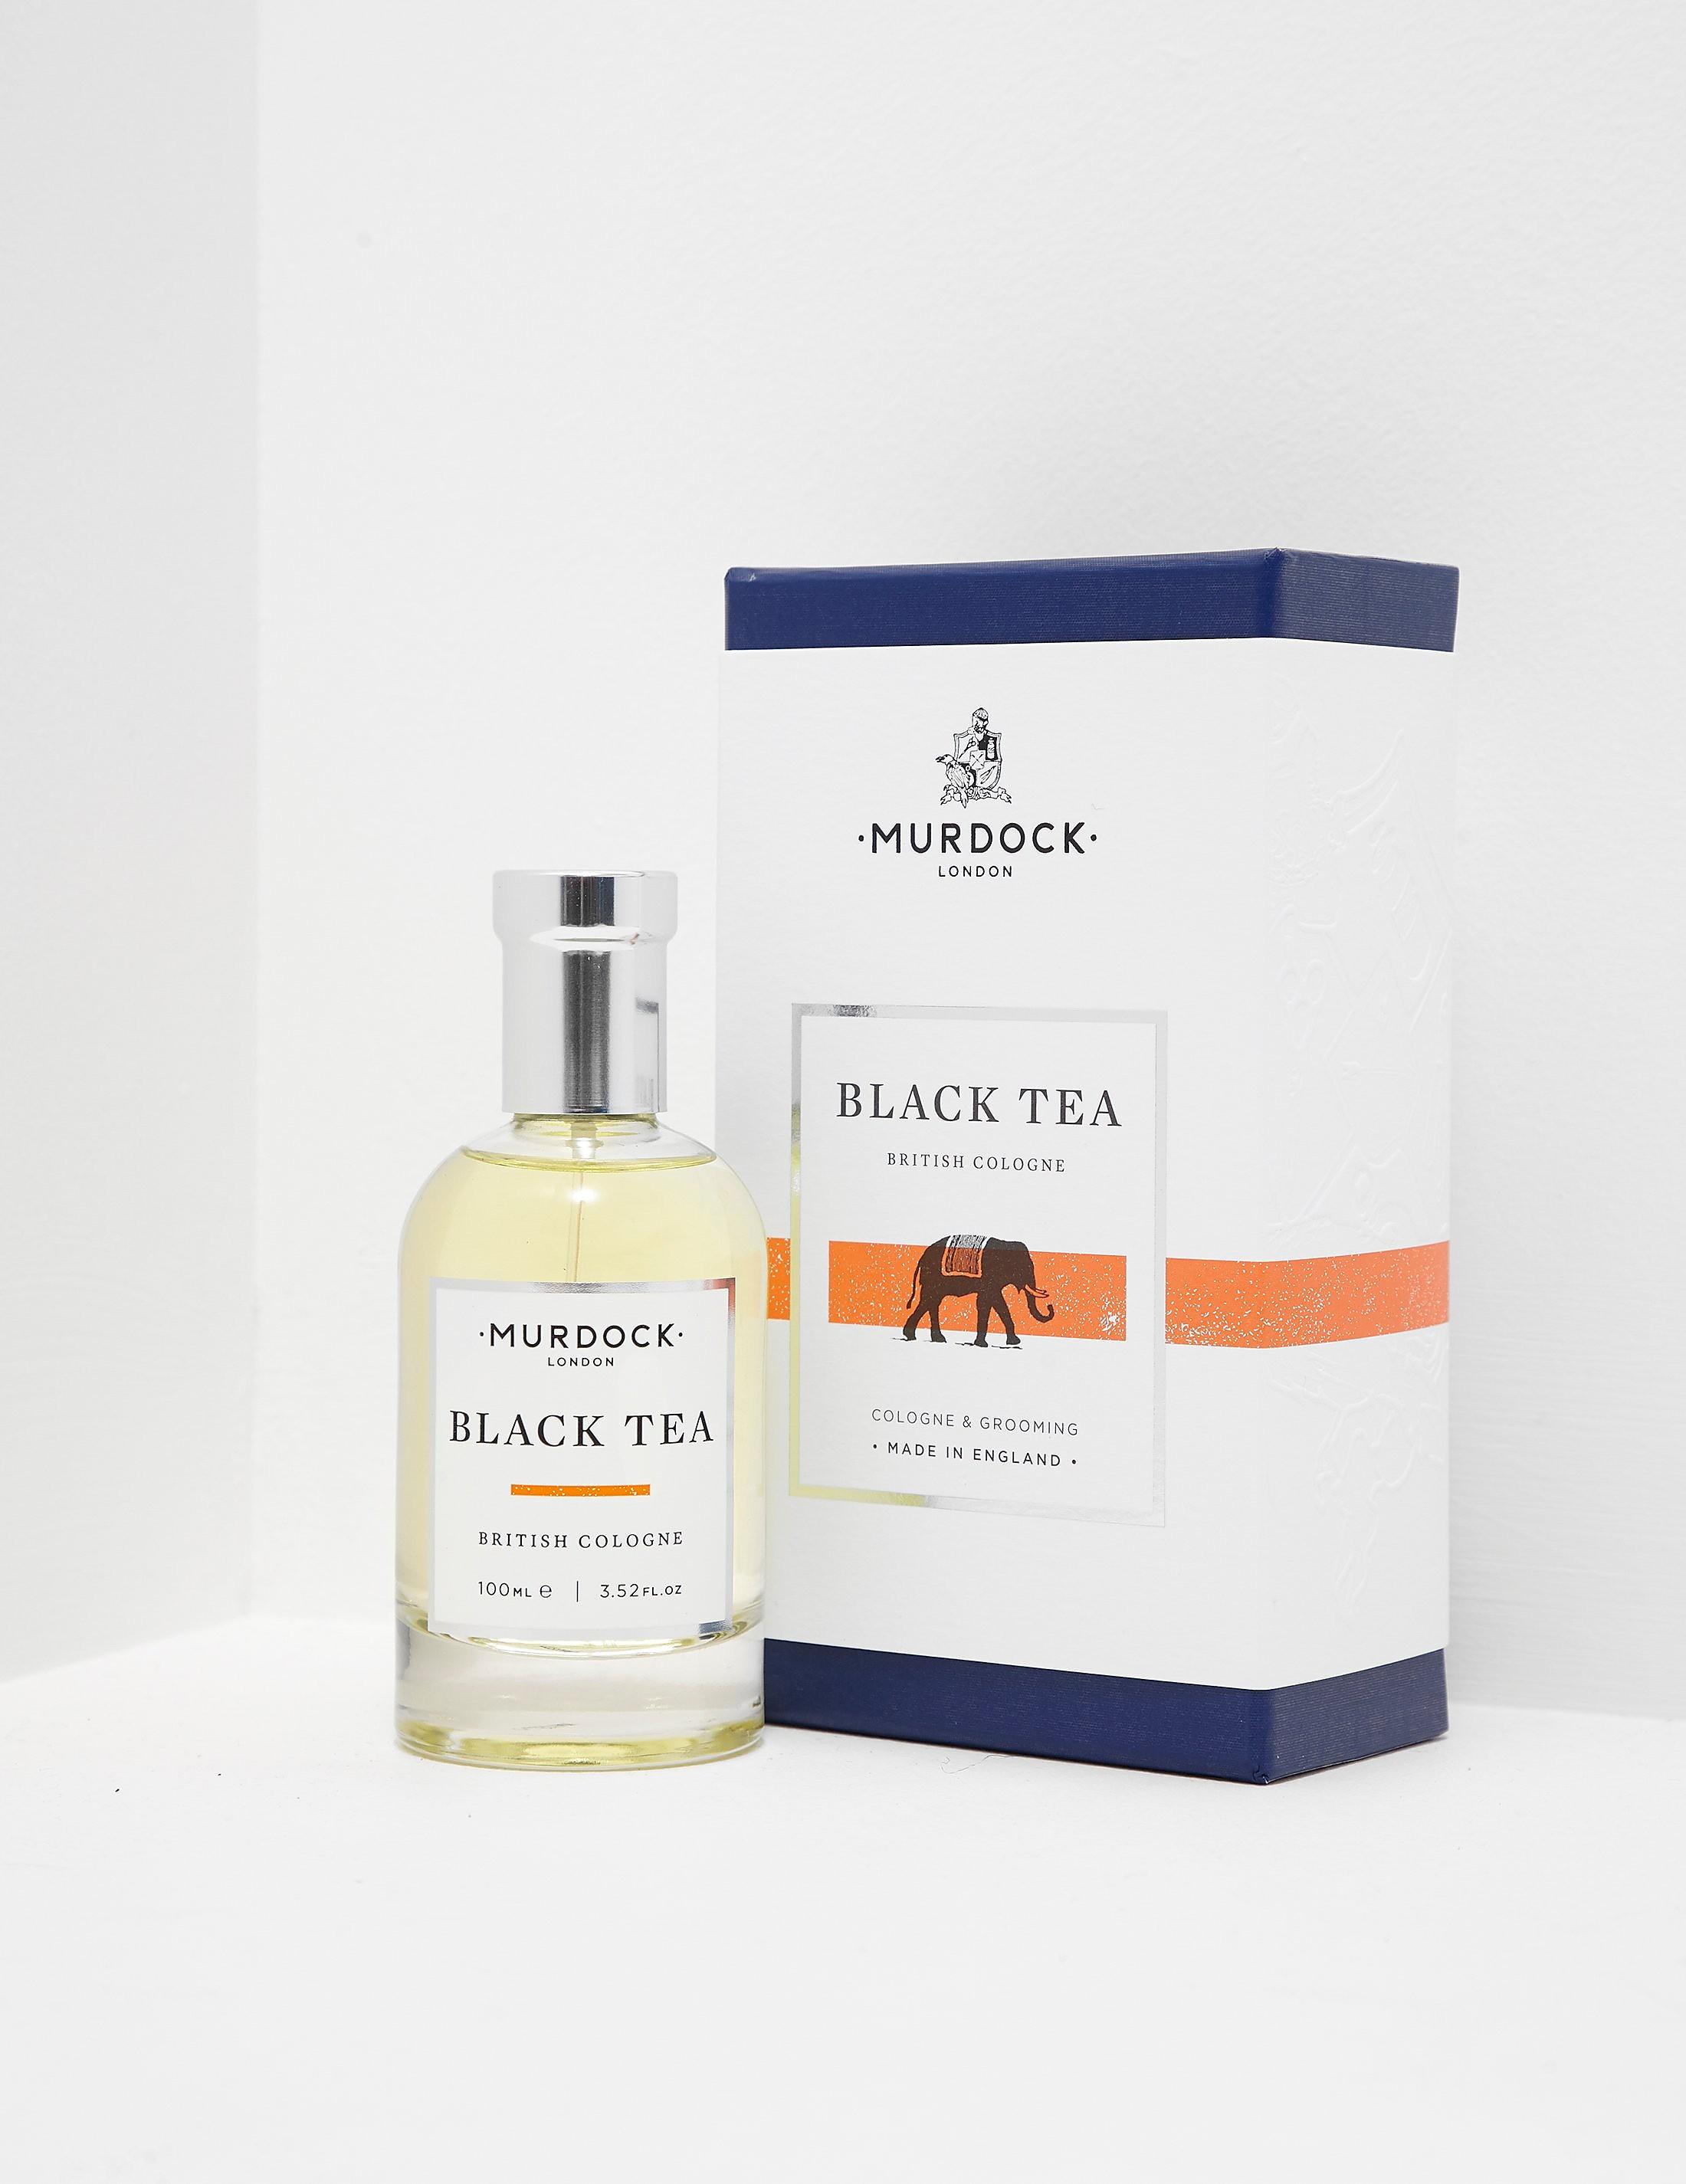 Murdock London Black Tea Fragrance